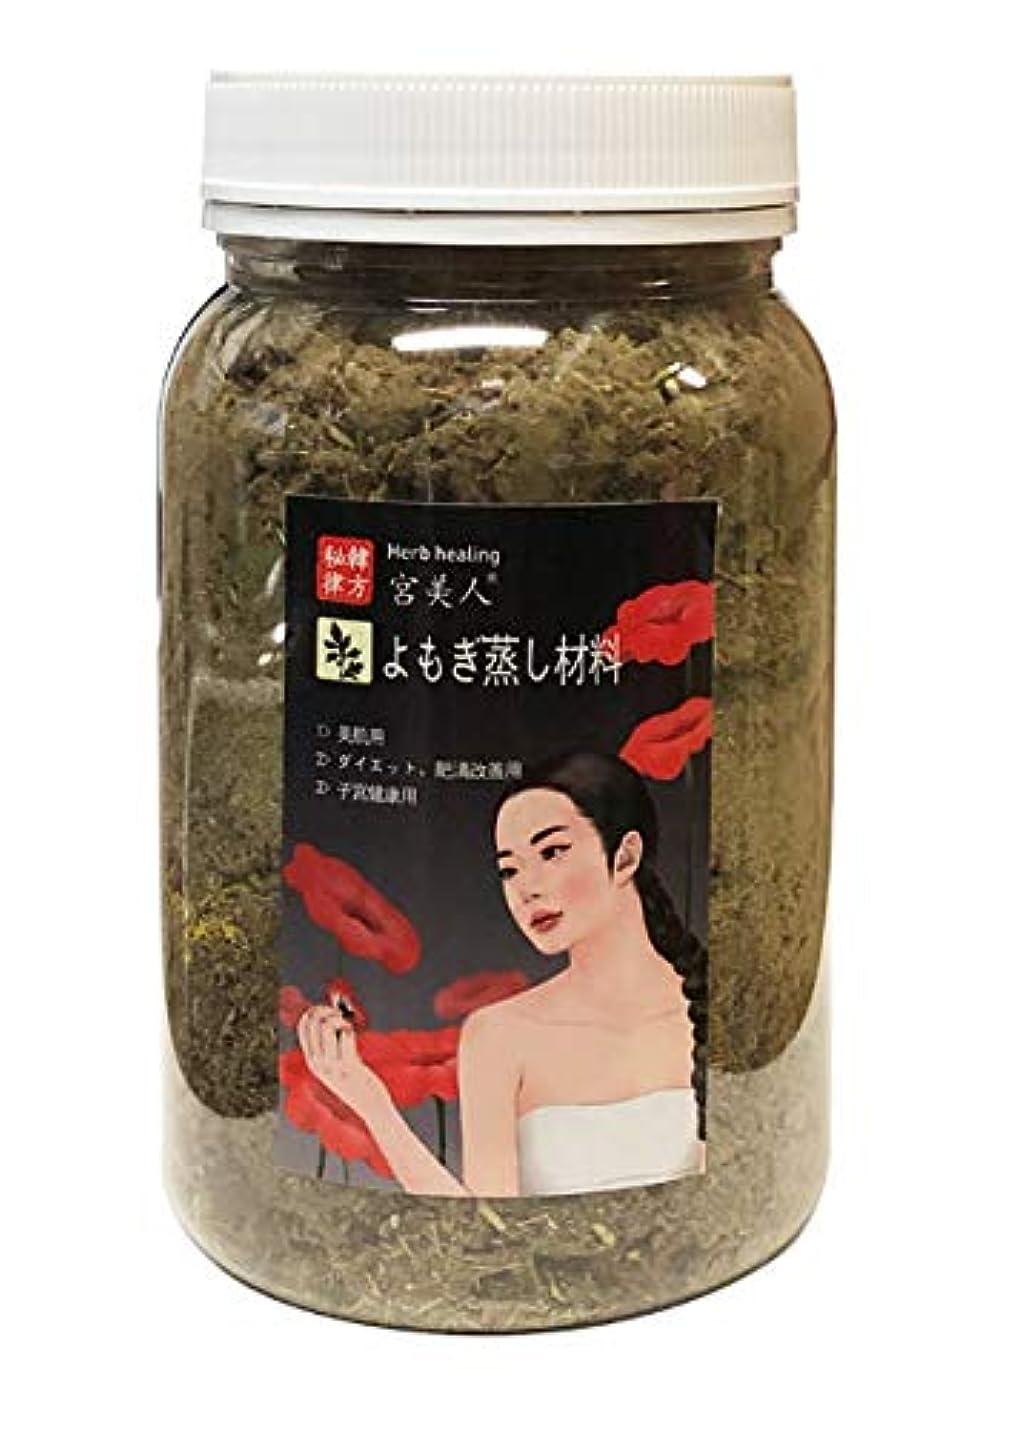 迷彩王女ラビリンス韓方草ヨモギなど8種類の粉末、ヨモギ蒸し粉末材料 子宮健康管理用230グラム